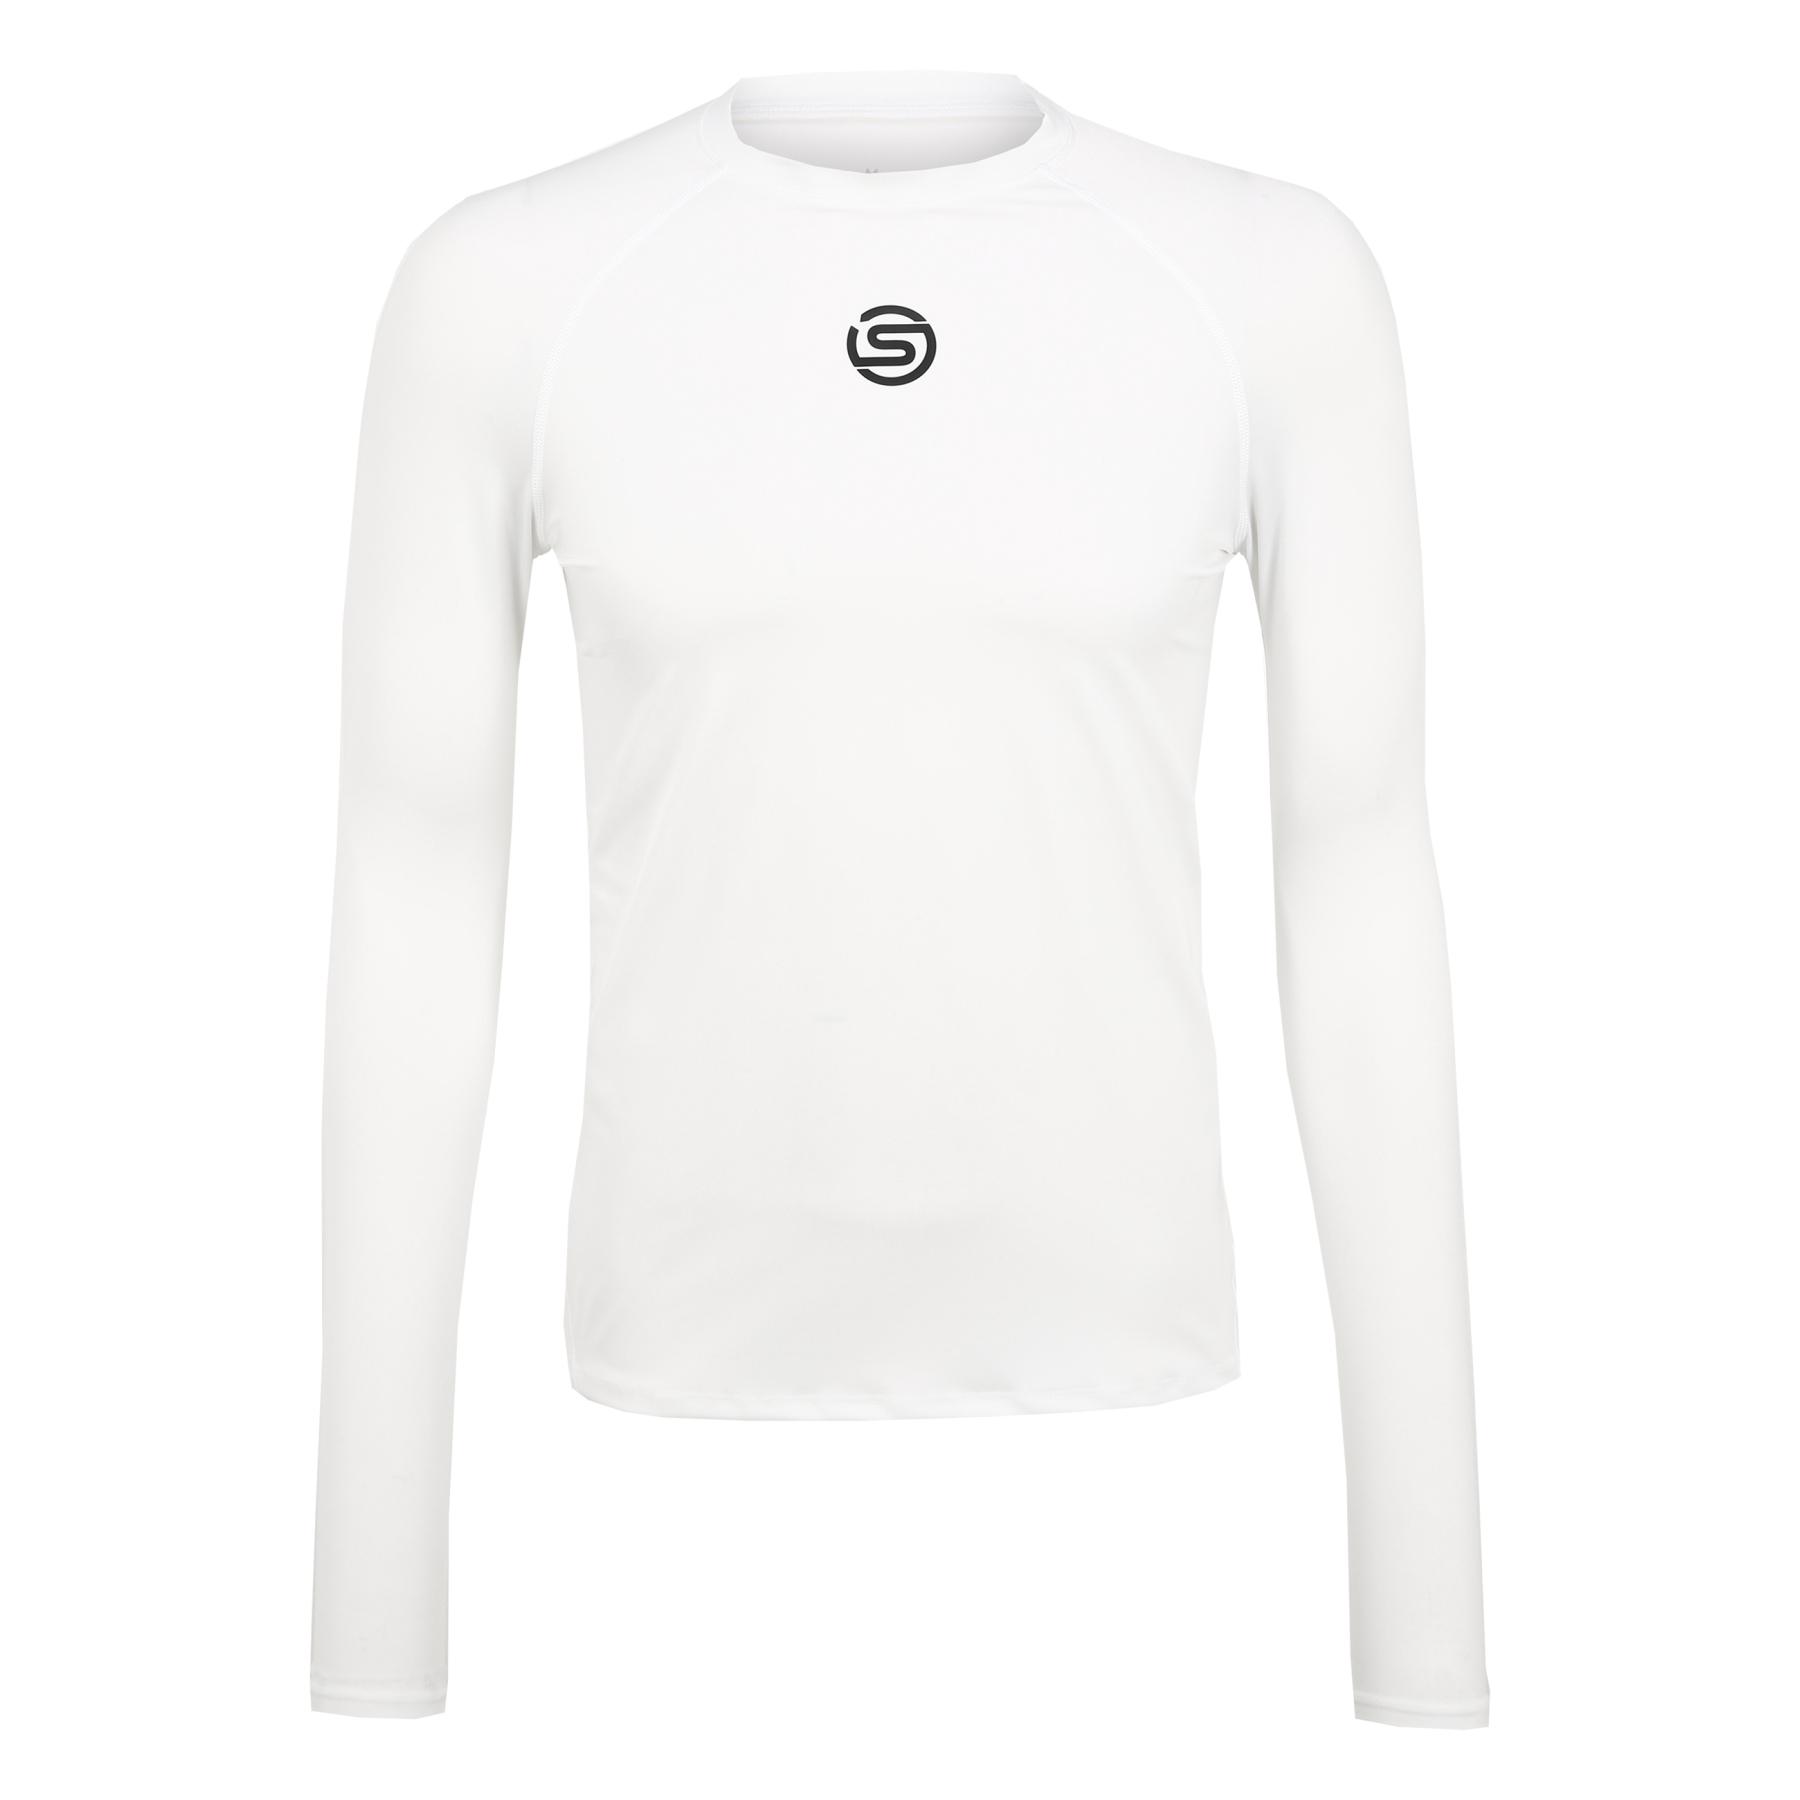 Produktbild von SKINS Compression 1-Series Herren Langarmshirt - Weiß